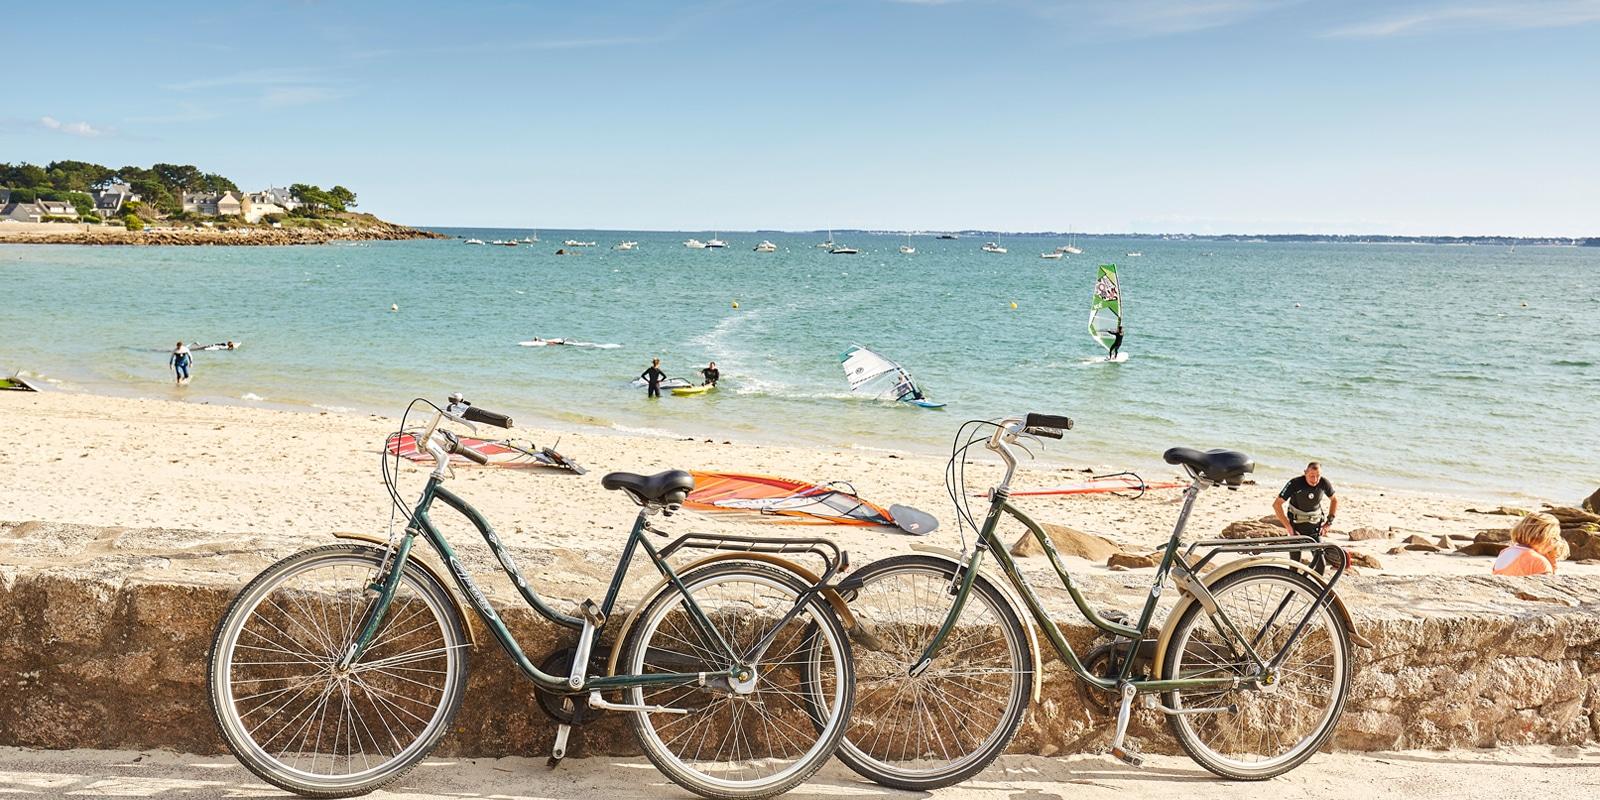 Un week-end à Carnac sur la plage de Saint Colomban